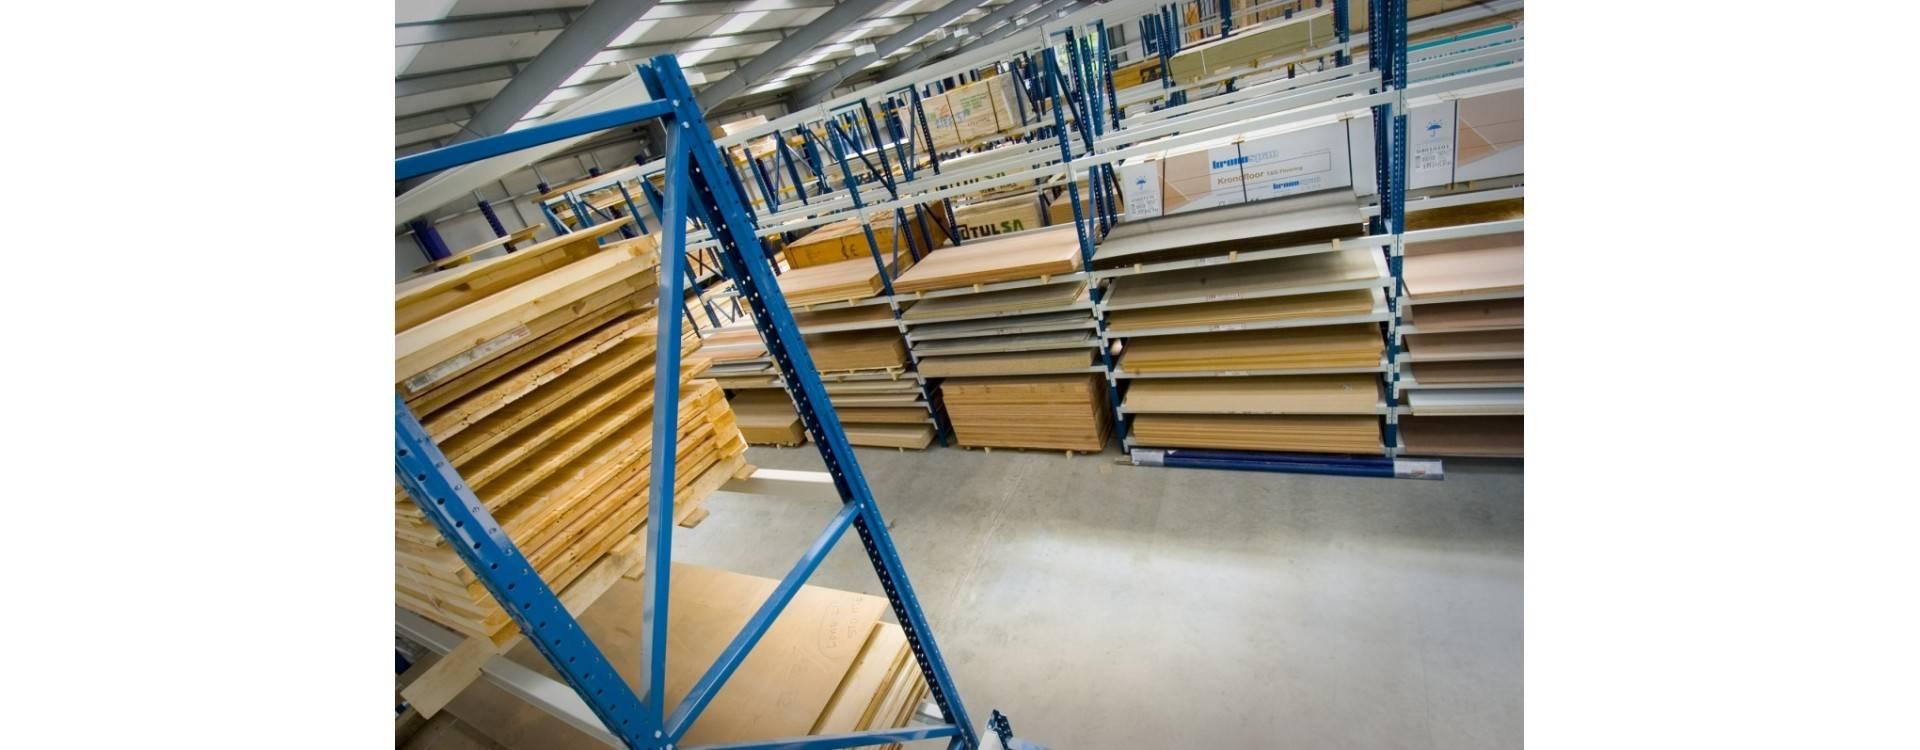 Bien stocker des produits en bois massif